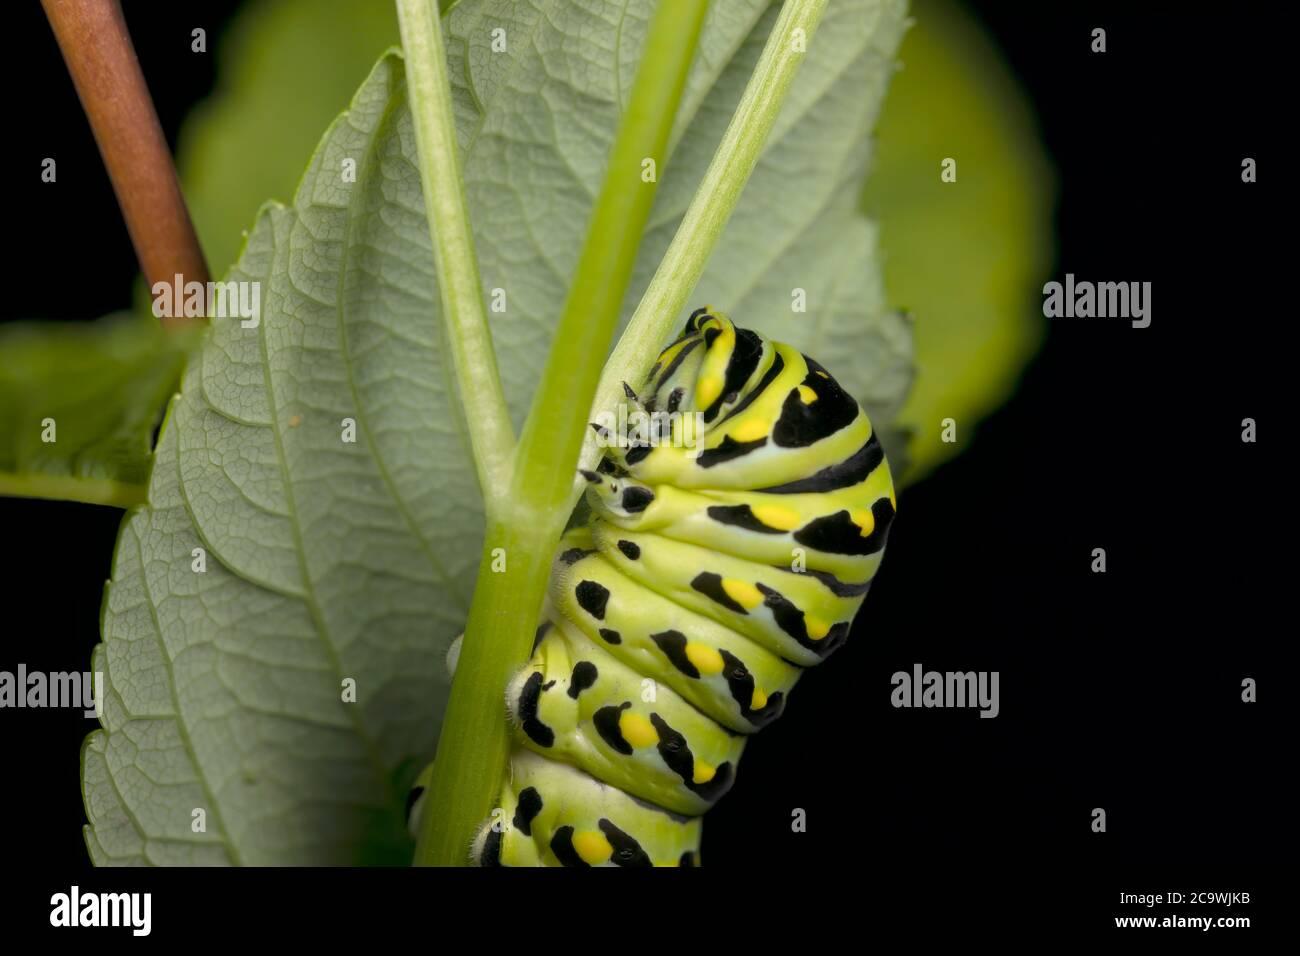 Orugas negras Swallowtail. En América del Norte son especies más comunes. Es la mariposa estatal de Oklahoma y Nueva Jersey. Foto de stock